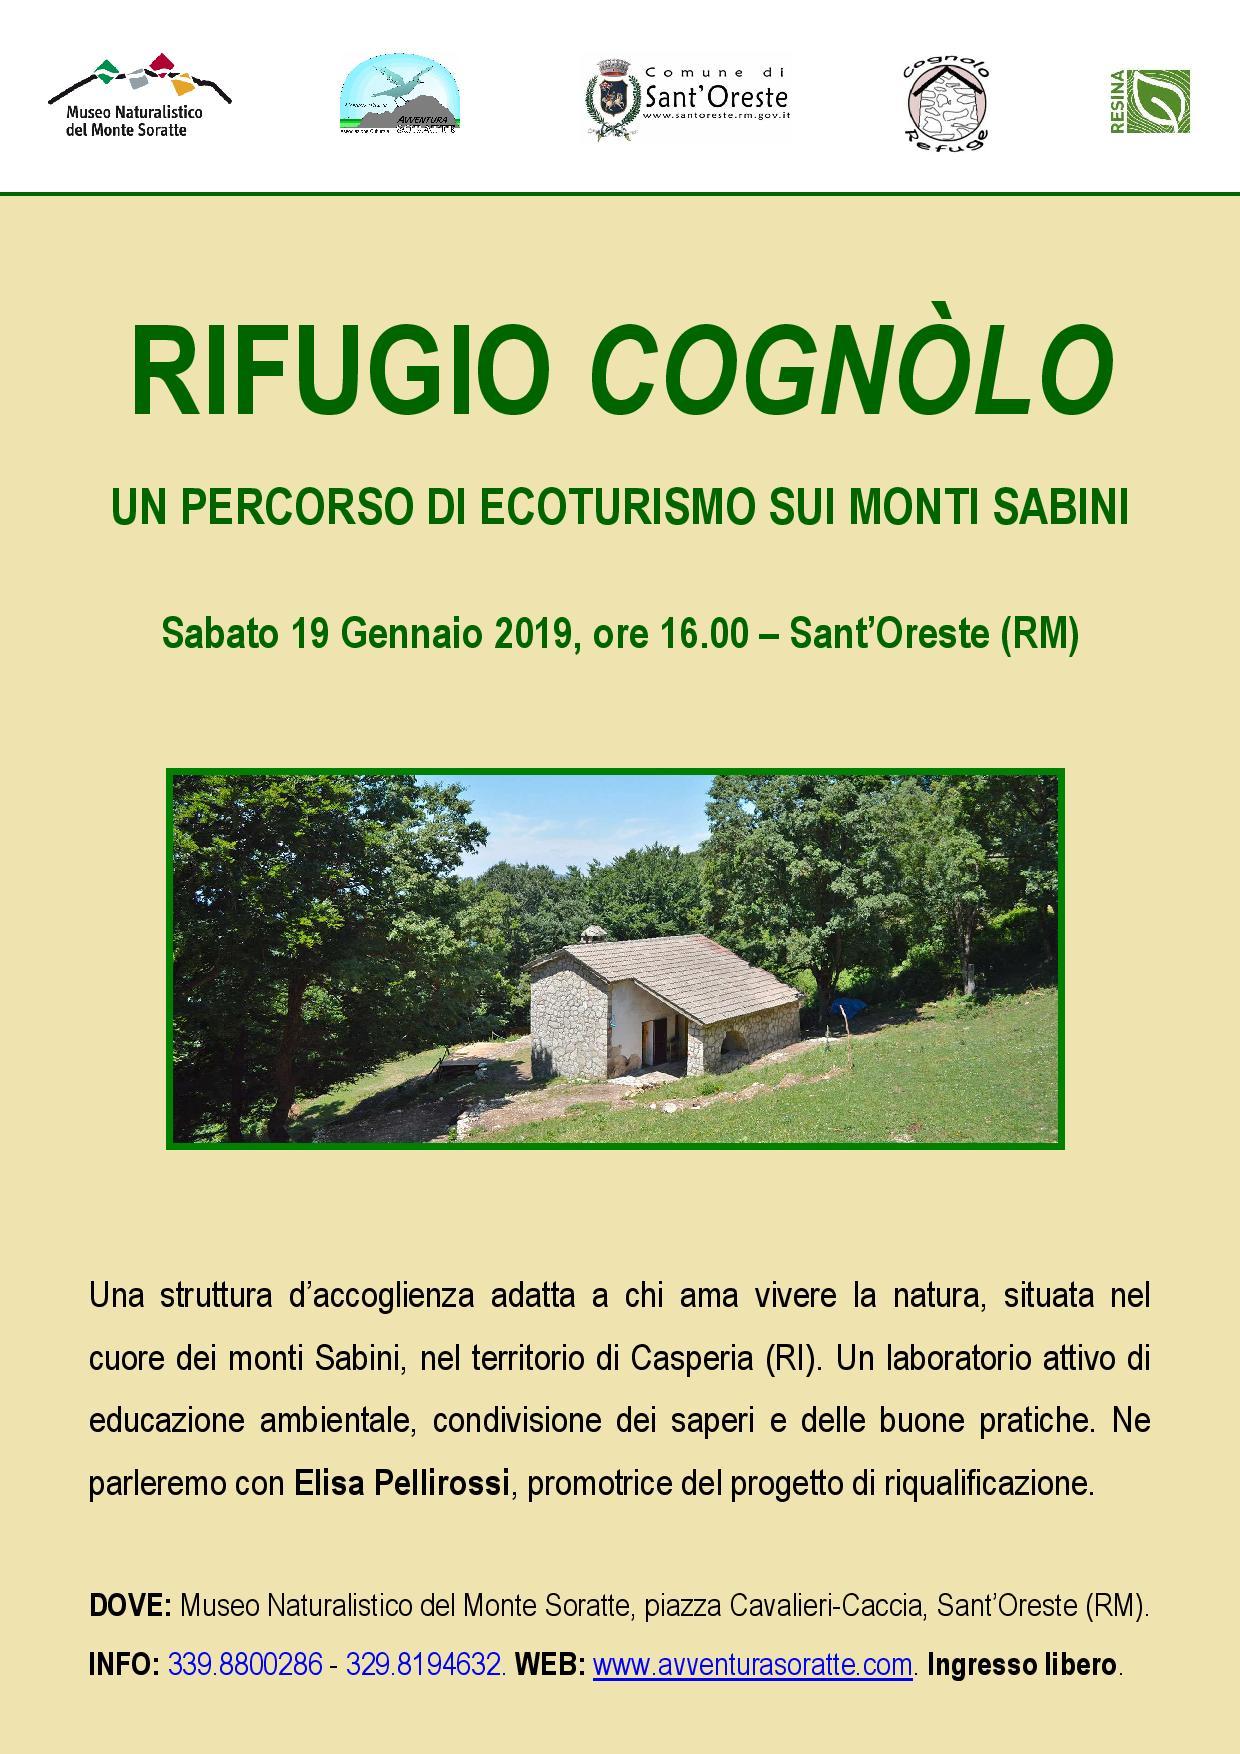 Rifugio Cognòlo: un percorso di ecoturismo sui monti sabini - eventi in sabina